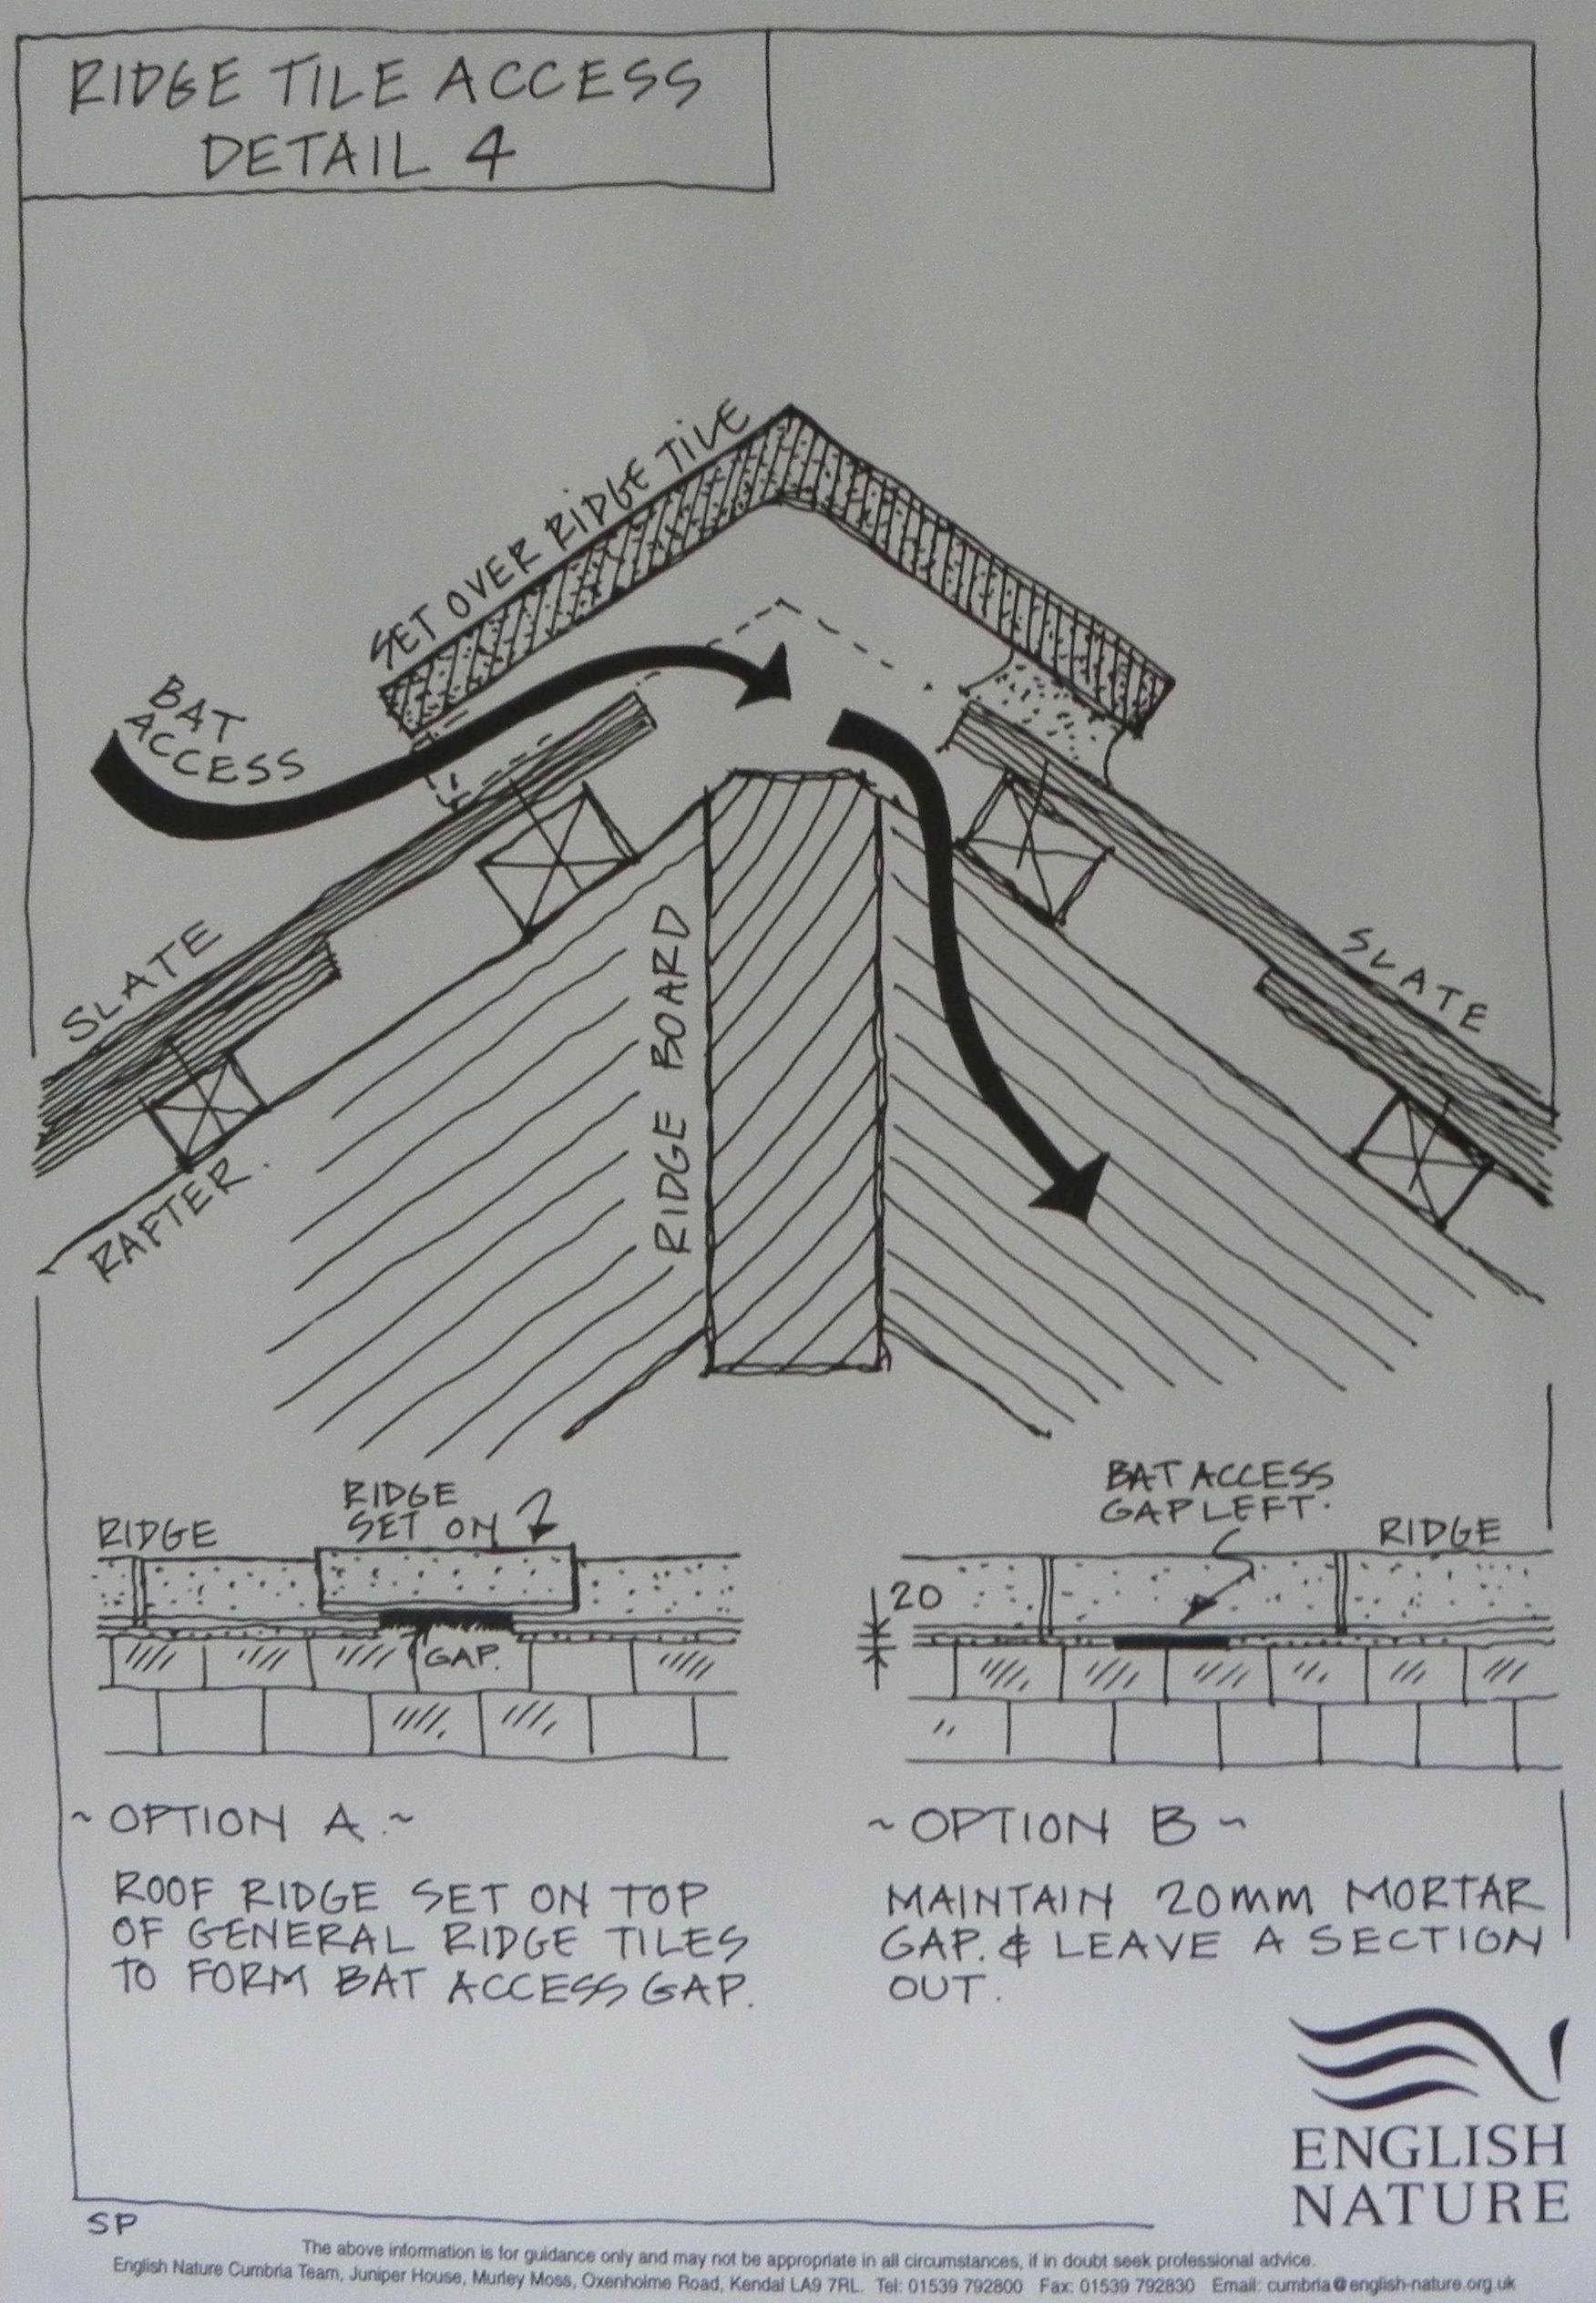 Ridge Tile Access Information Sheet